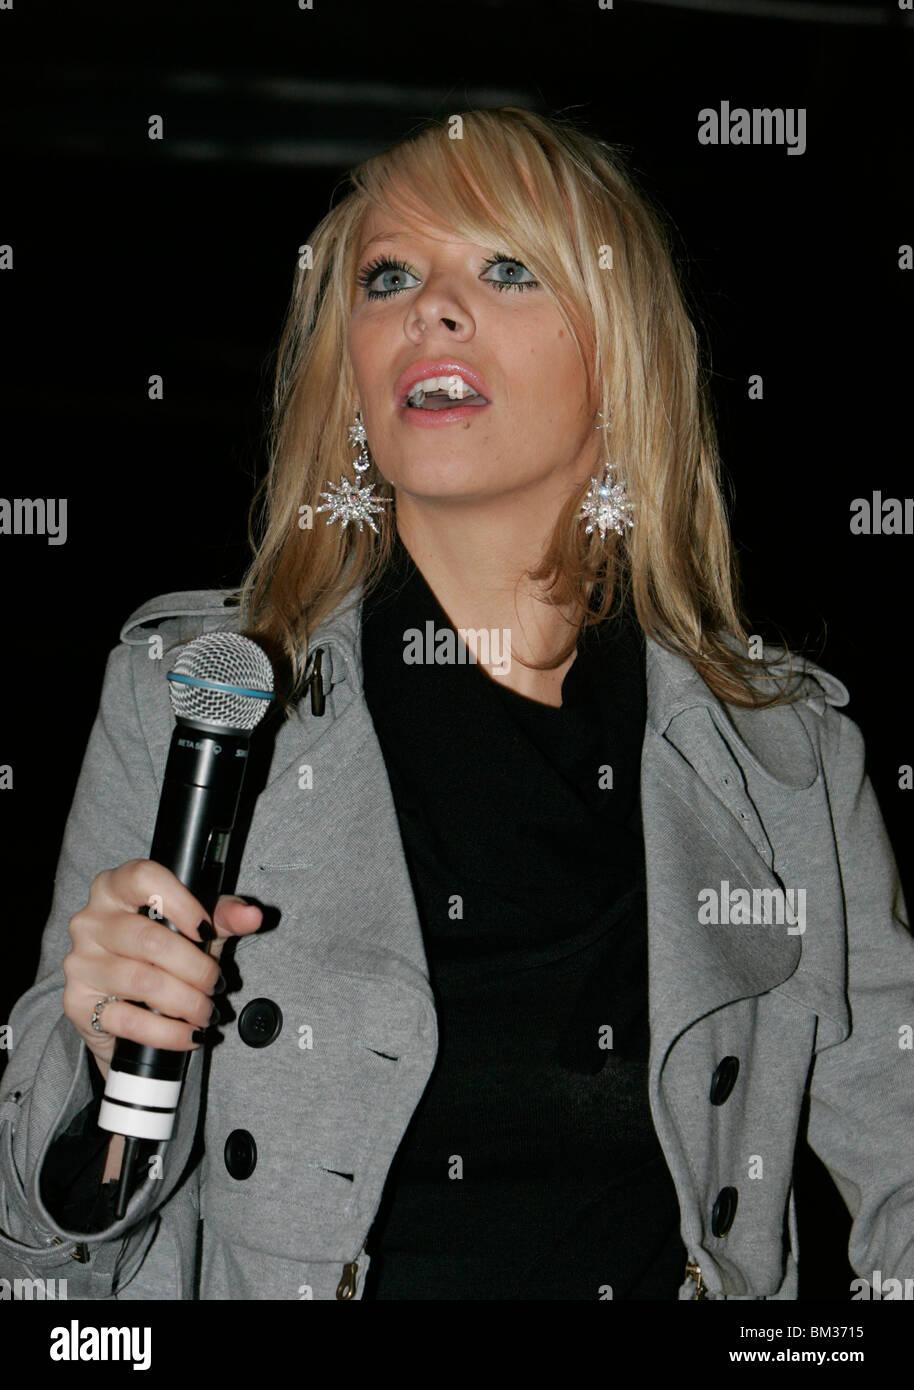 singer Liz McClarnon onstage in Belfast - Stock Image